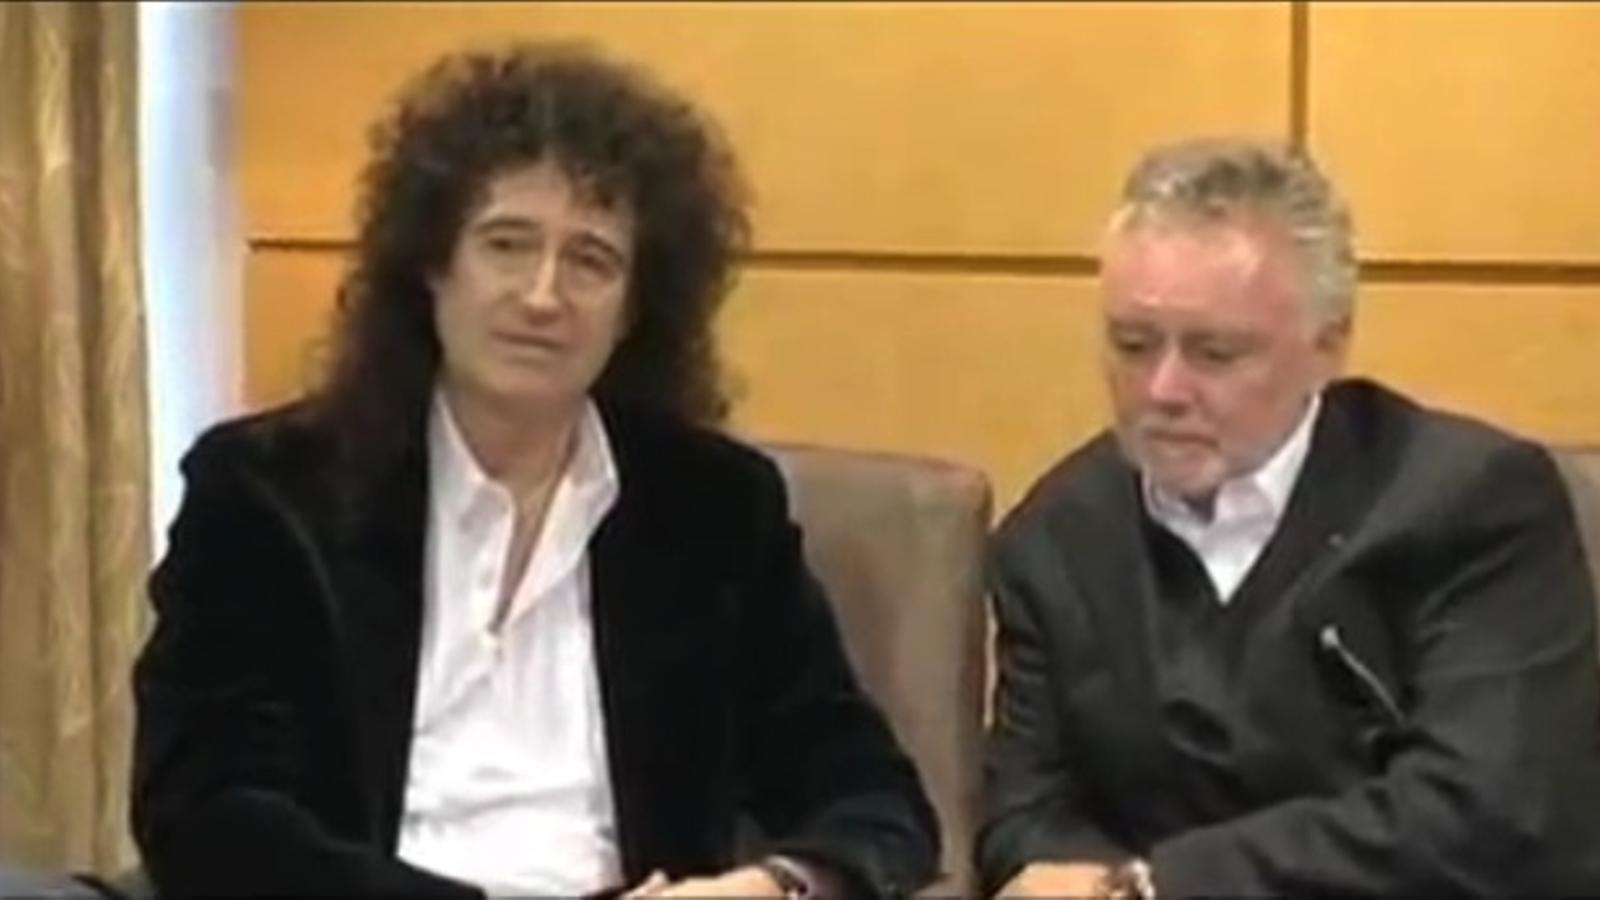 'Dear Mr. Murdoch', la cancó de Roger Taylor, bateria de Queen, contra el magnat de la comunicació